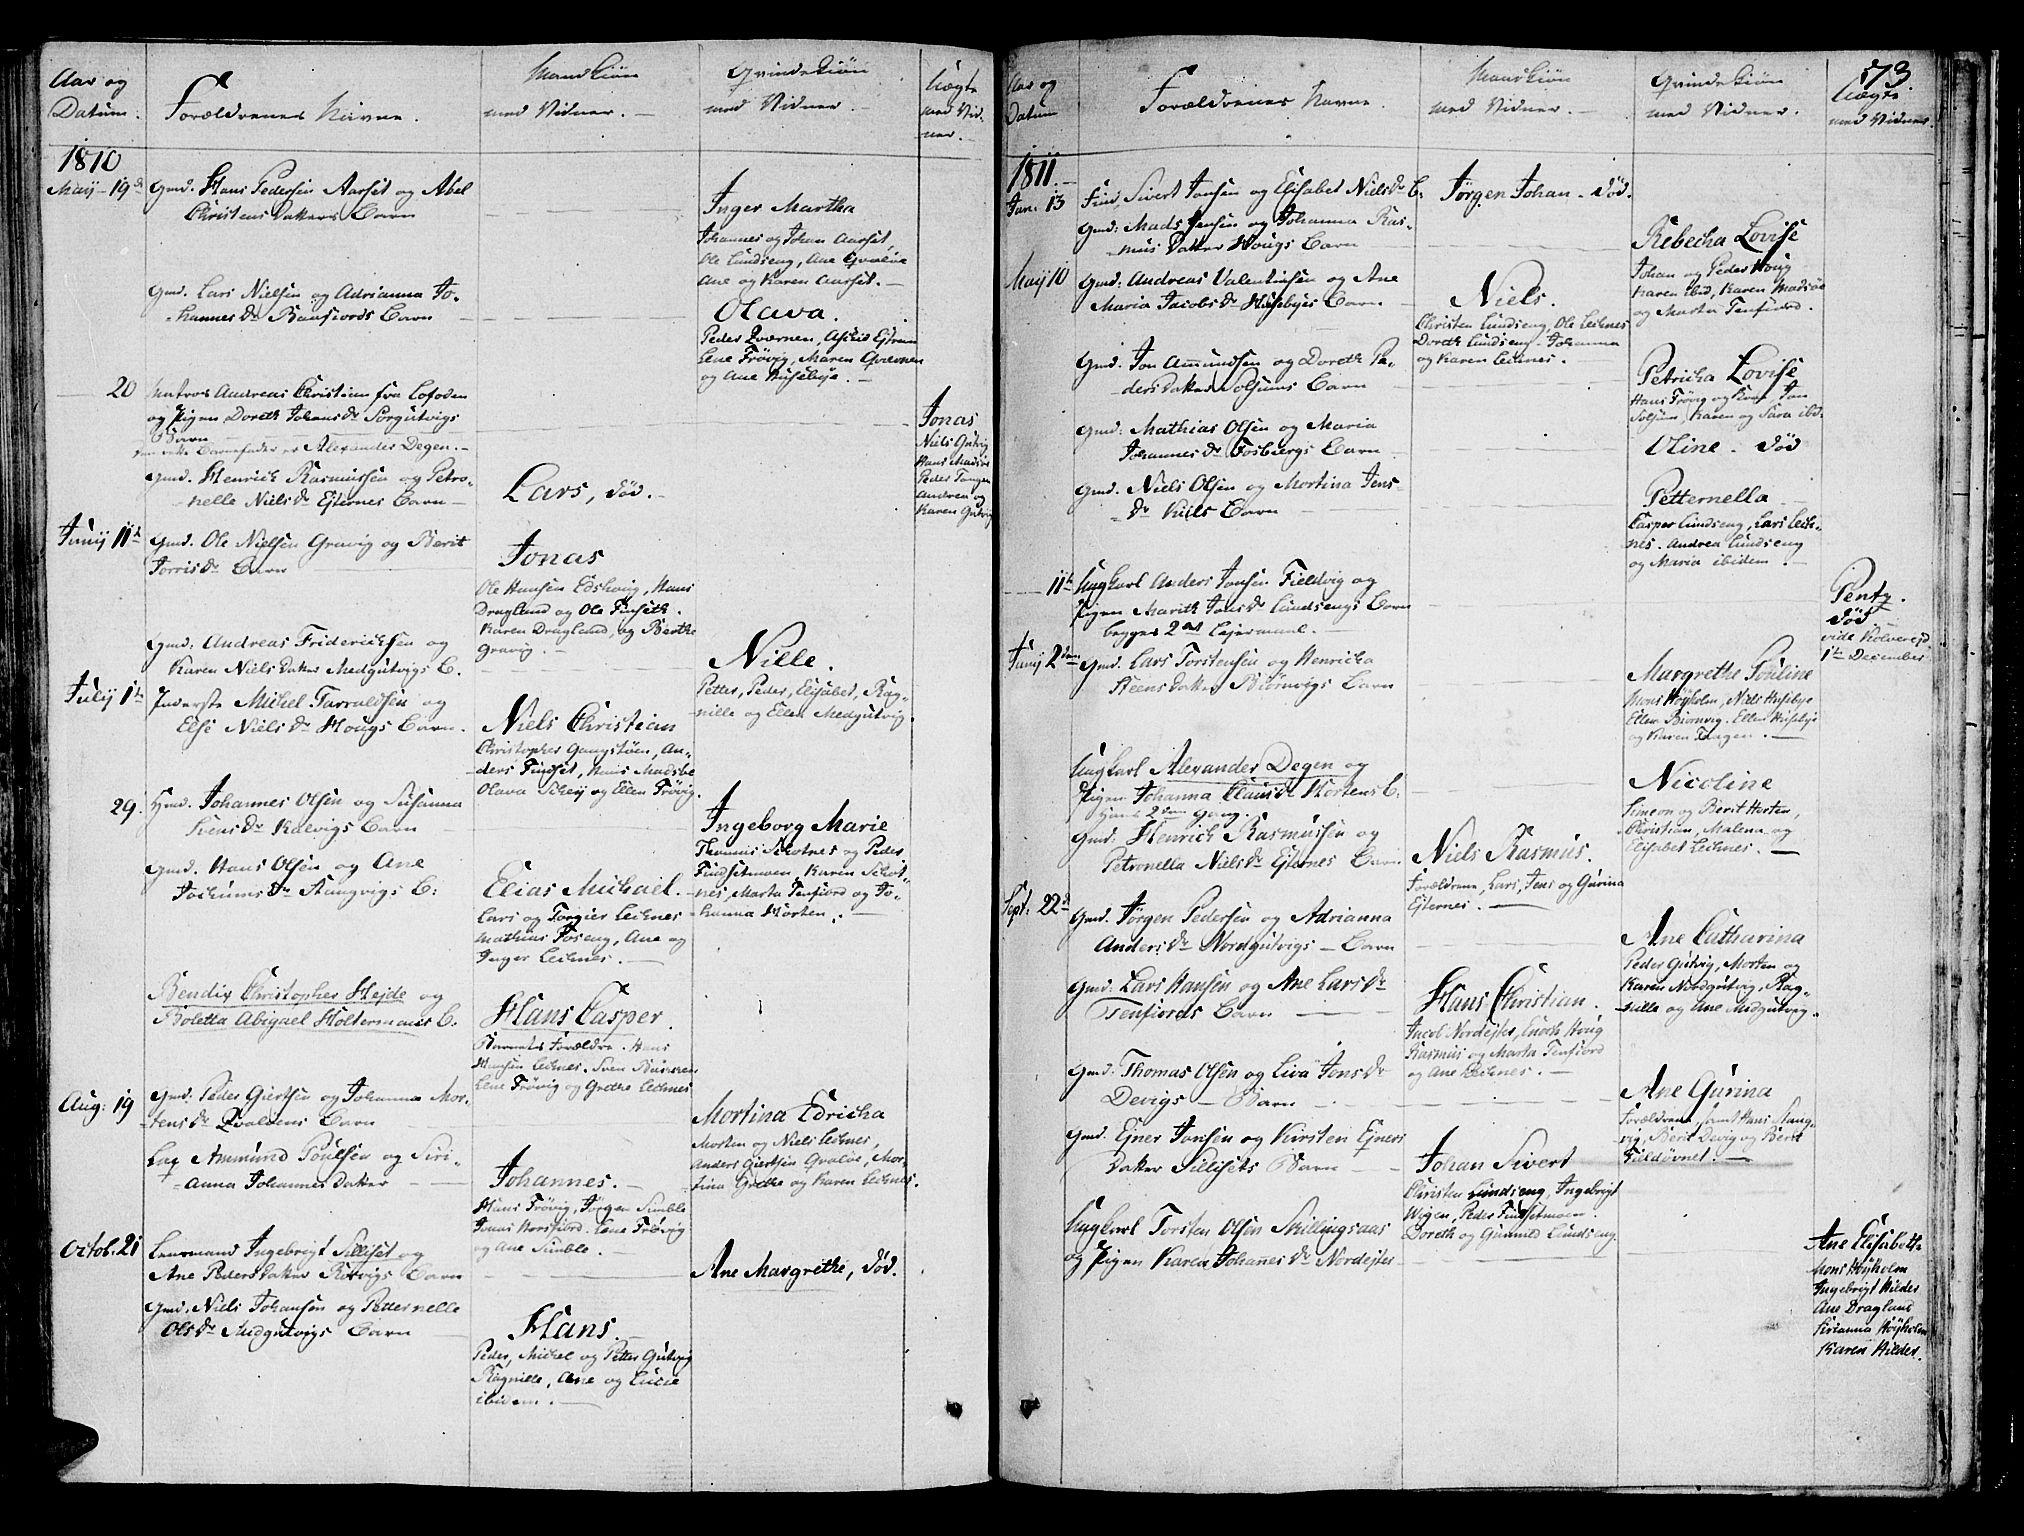 SAT, Ministerialprotokoller, klokkerbøker og fødselsregistre - Nord-Trøndelag, 780/L0633: Ministerialbok nr. 780A02 /2, 1806-1814, s. 73